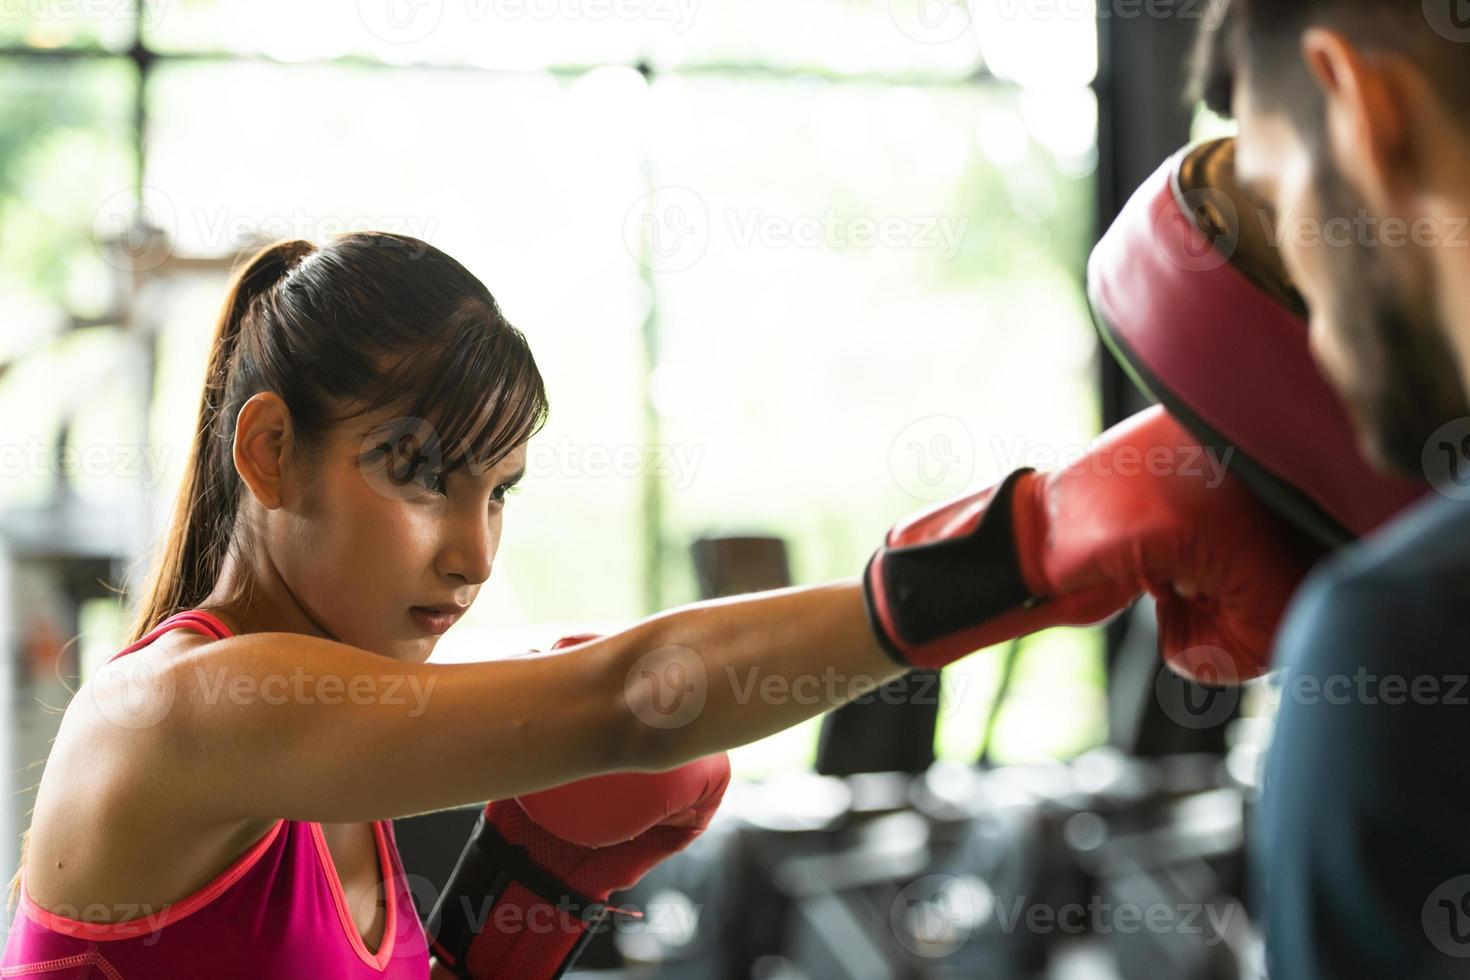 casais jovens se exercitam na academia para fortalecer o corpo. foto